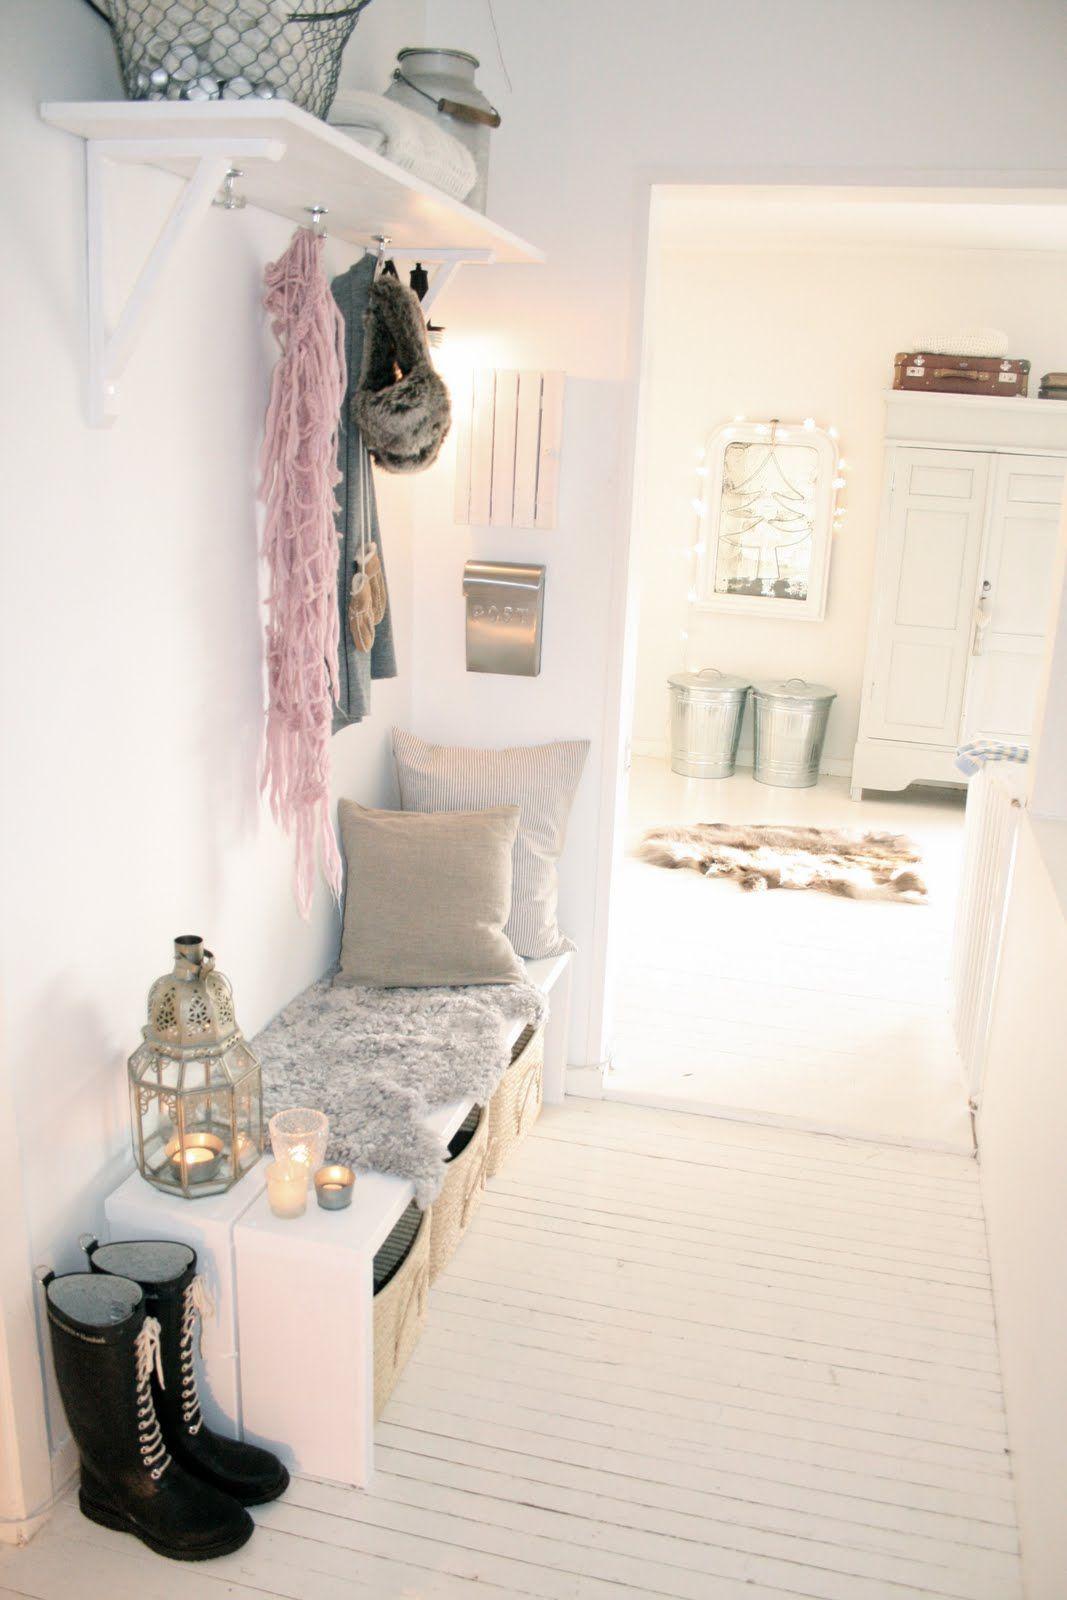 Pin von Nadine L. auf Home | Pinterest | Flure, Wohnen und Wohnideen